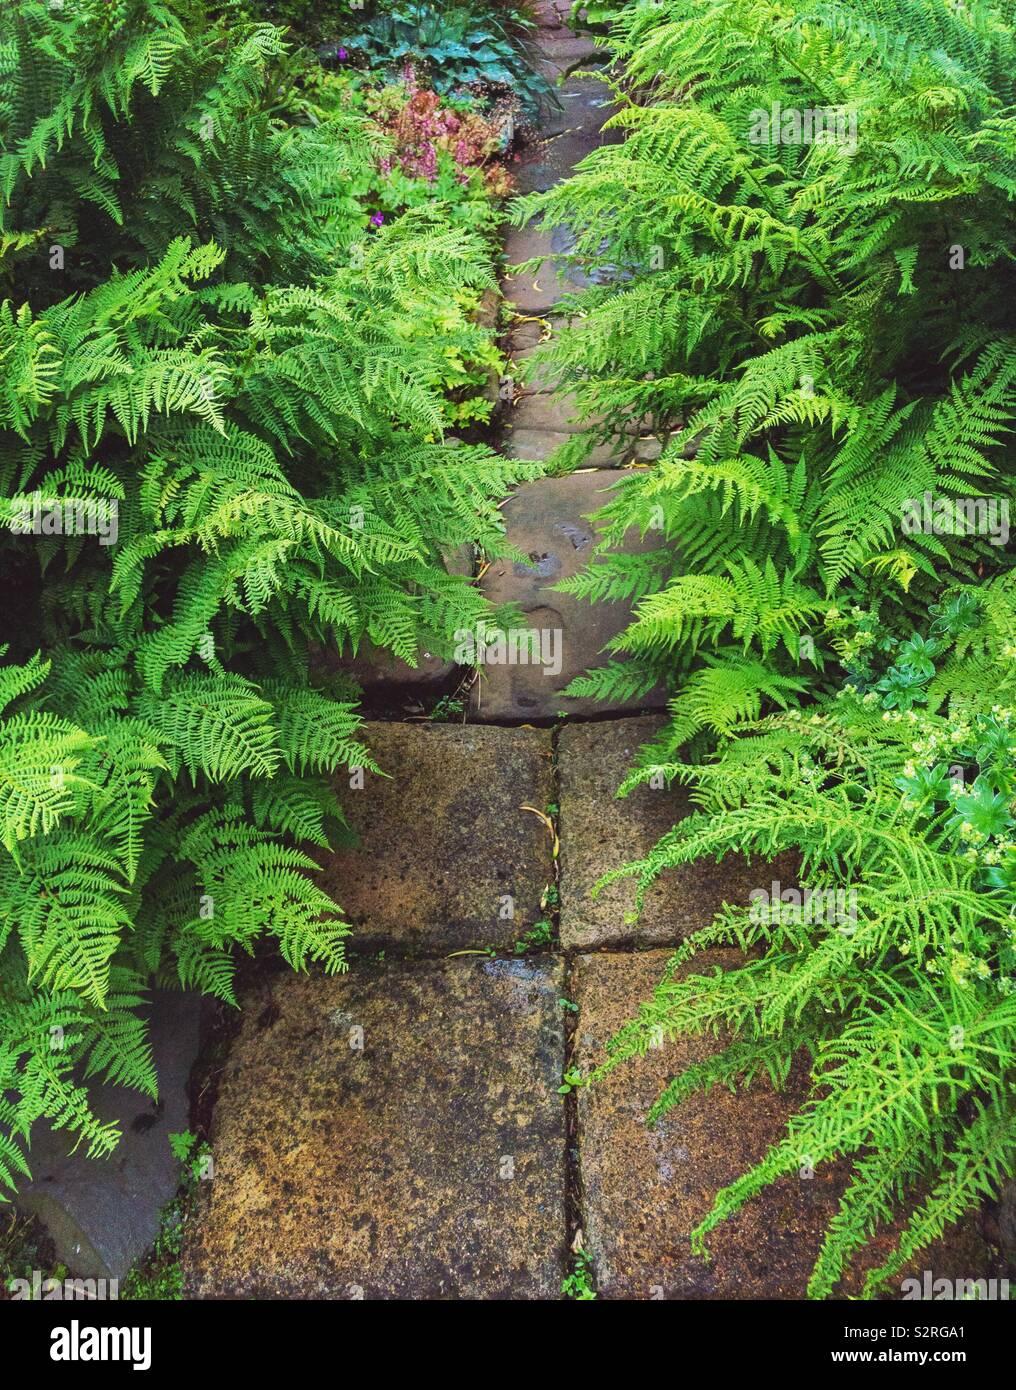 Ruta jardín pavimentado con la siembra de helechos en los lados. Foto de stock